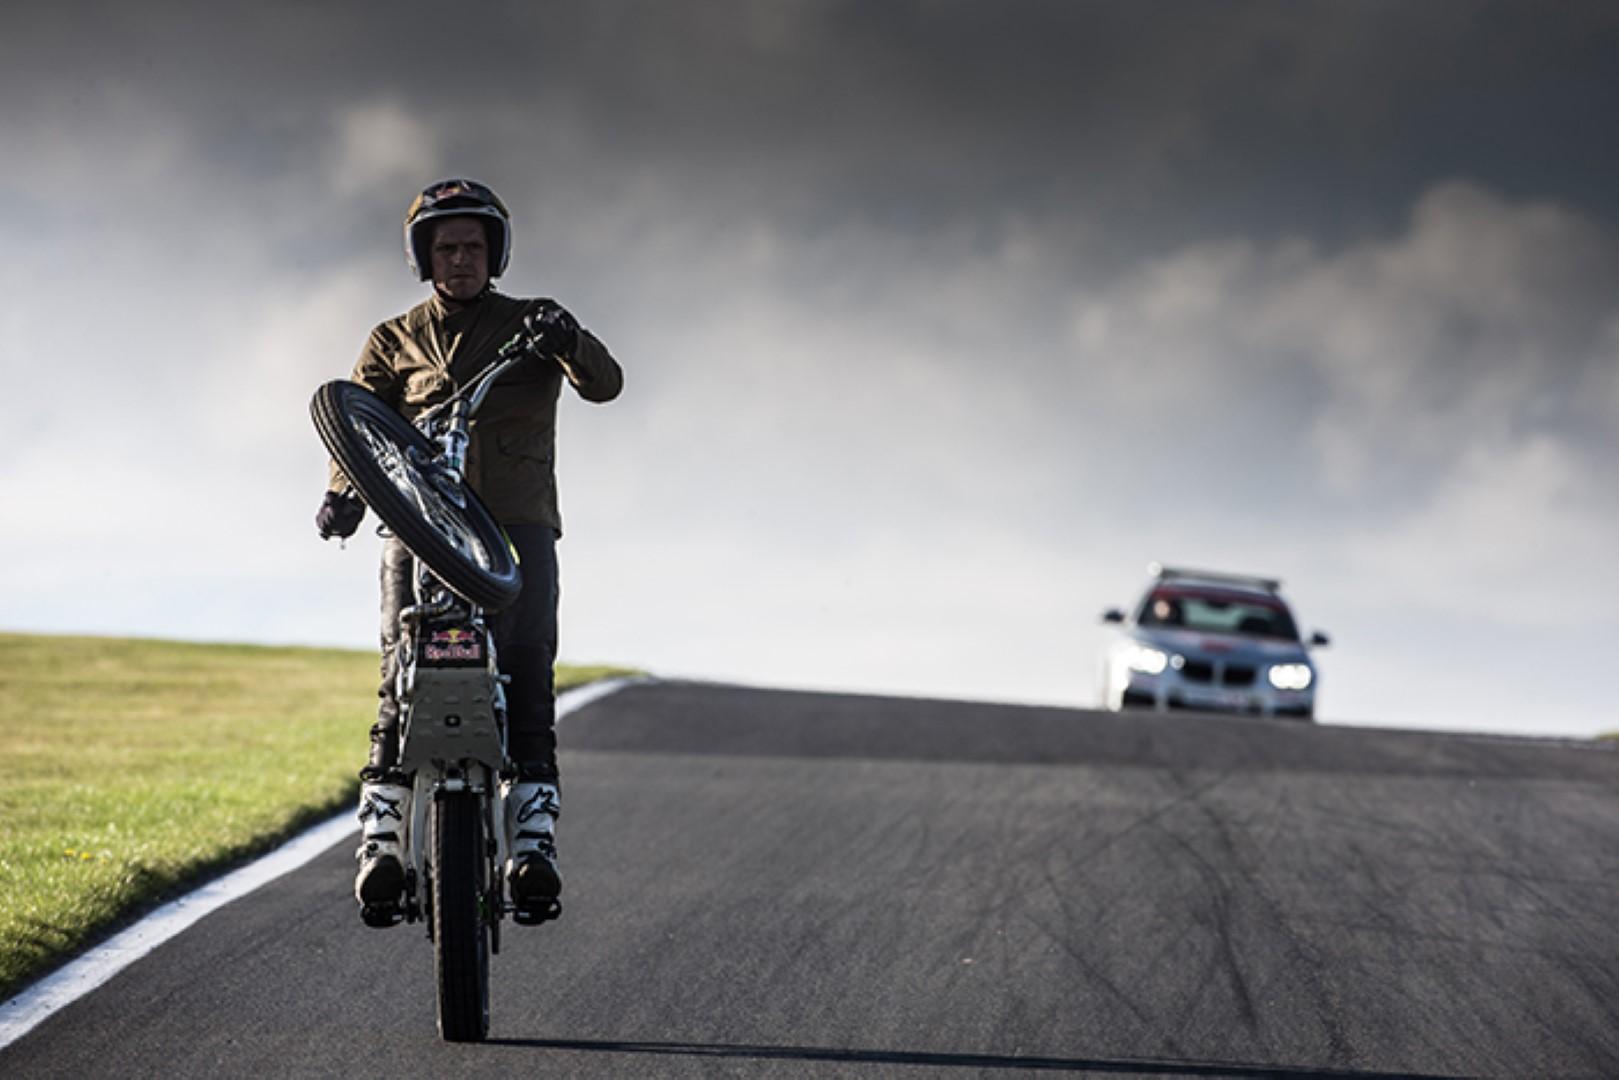 La moto de Lampkin para el caballito en la Isla de Man